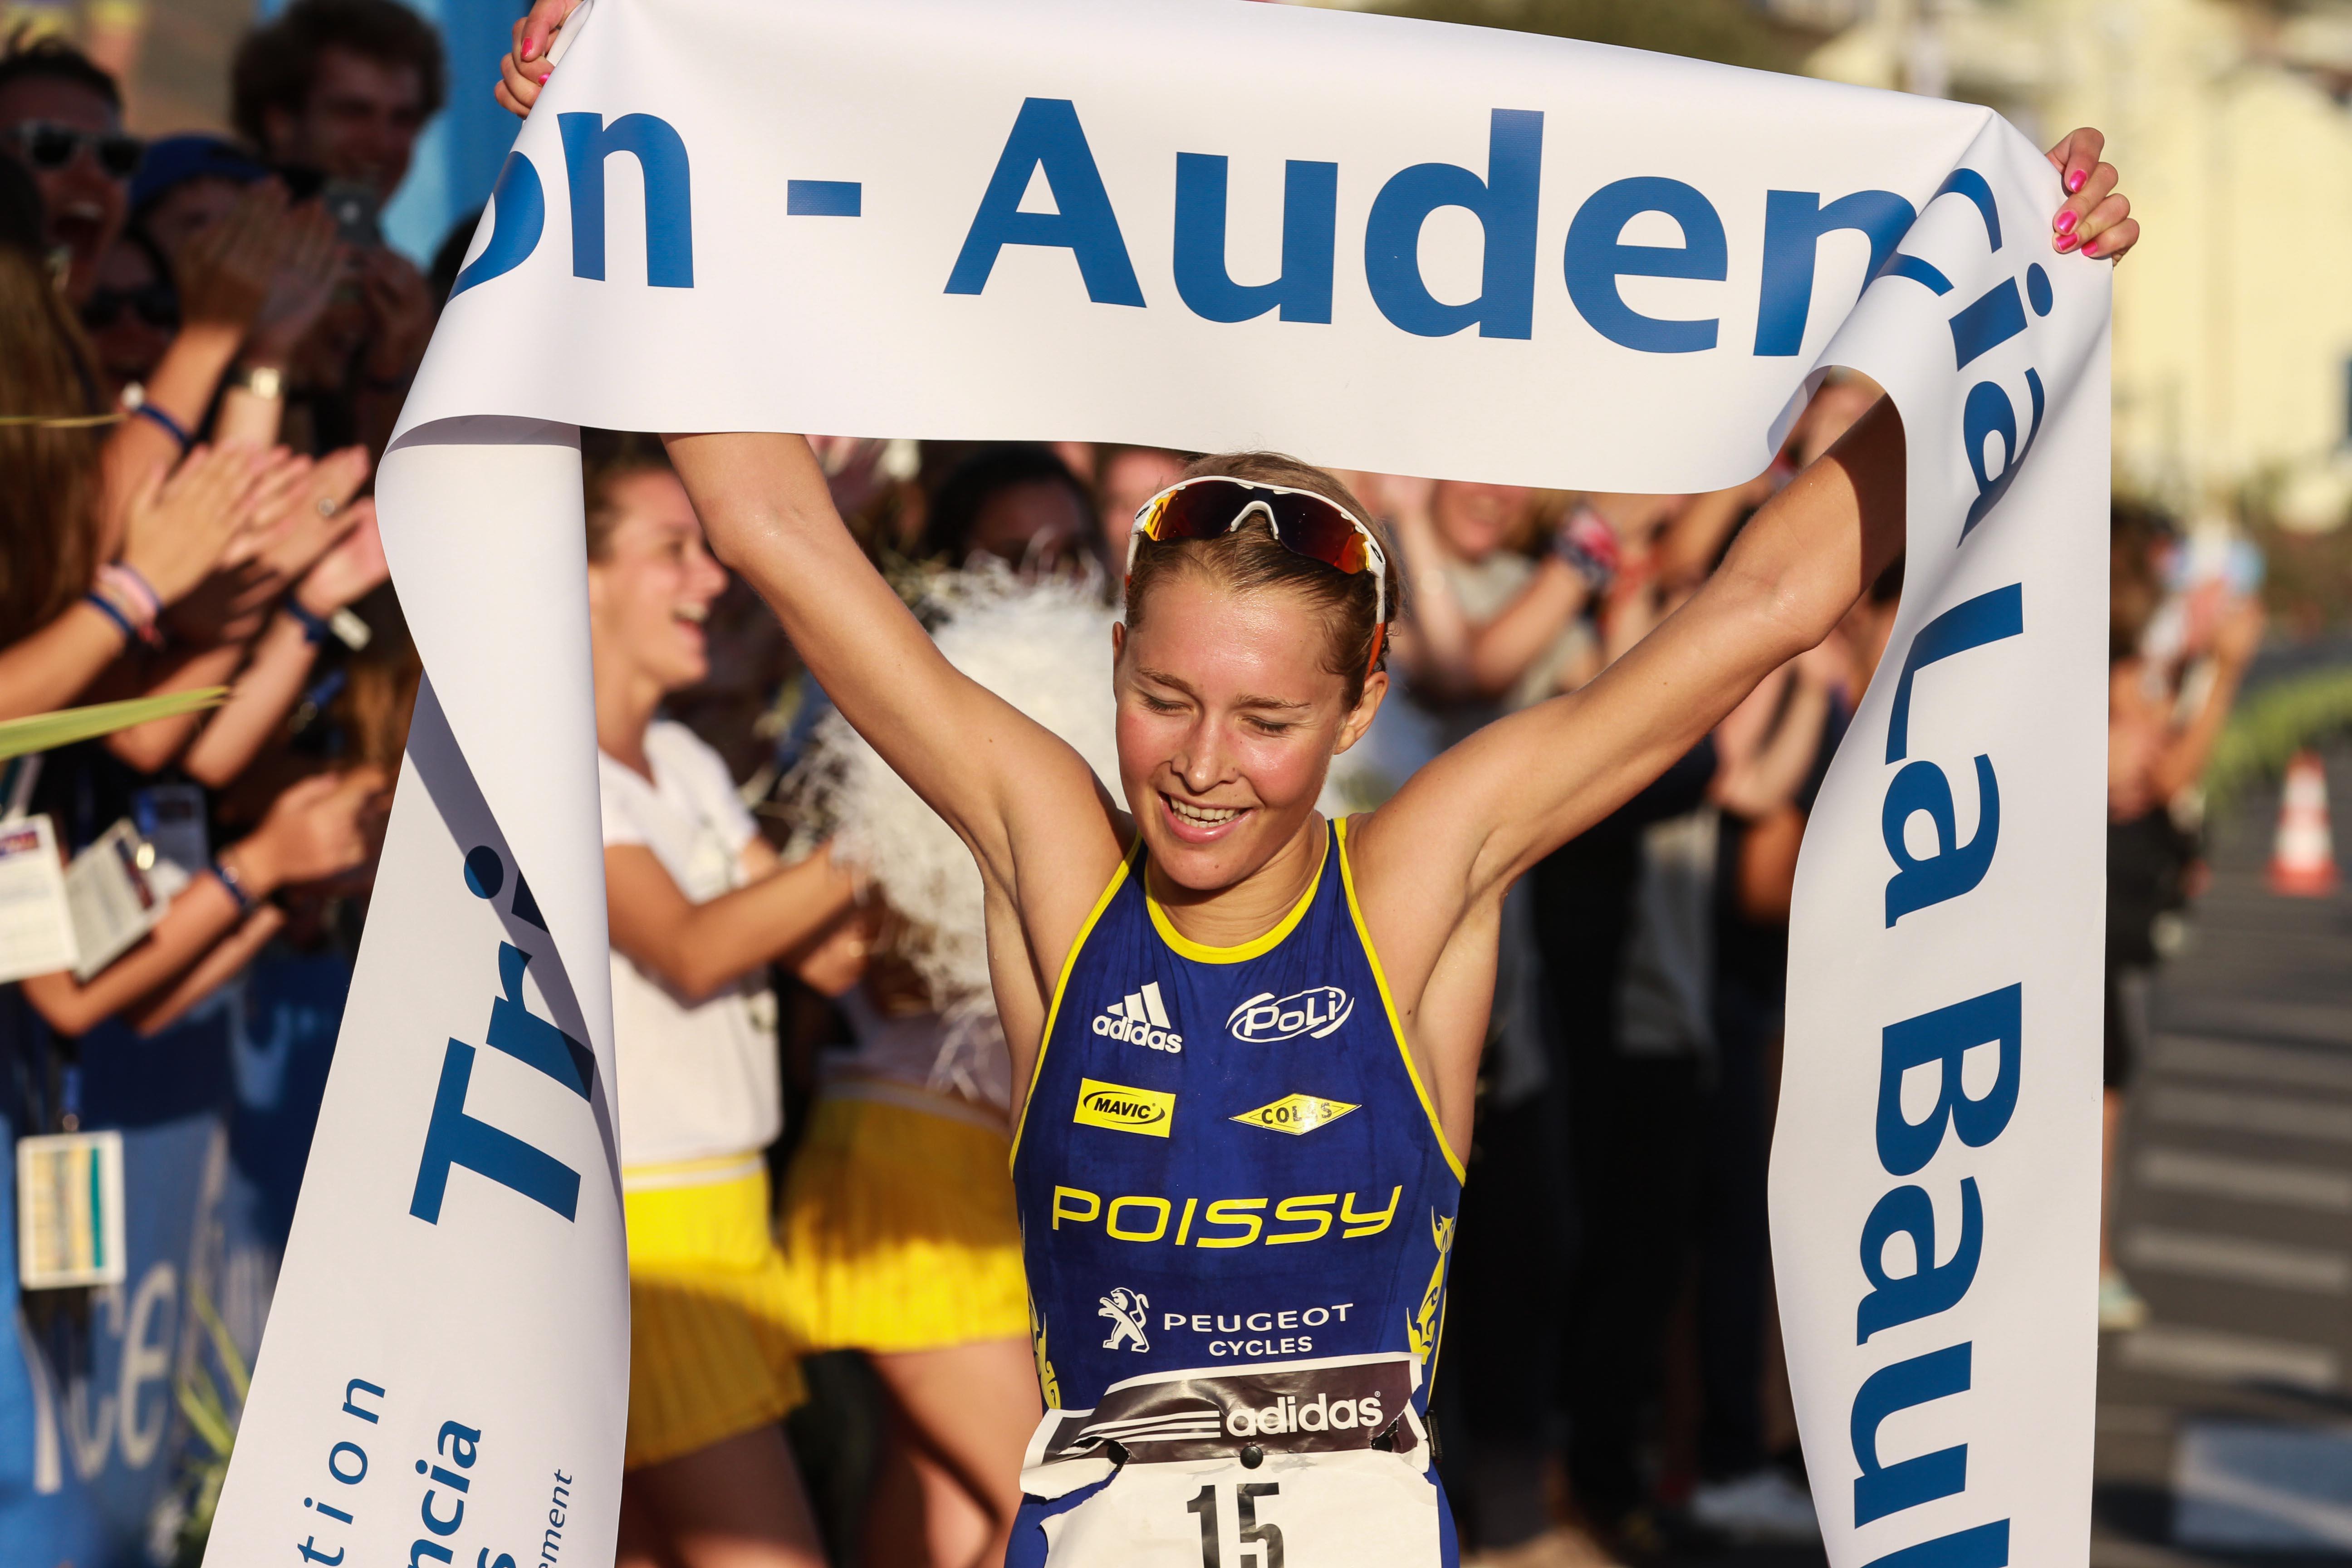 Triathlon Audencia La Baule 2014 : Rachel Klamer franchit la première la ligne de la course Elite Internationale